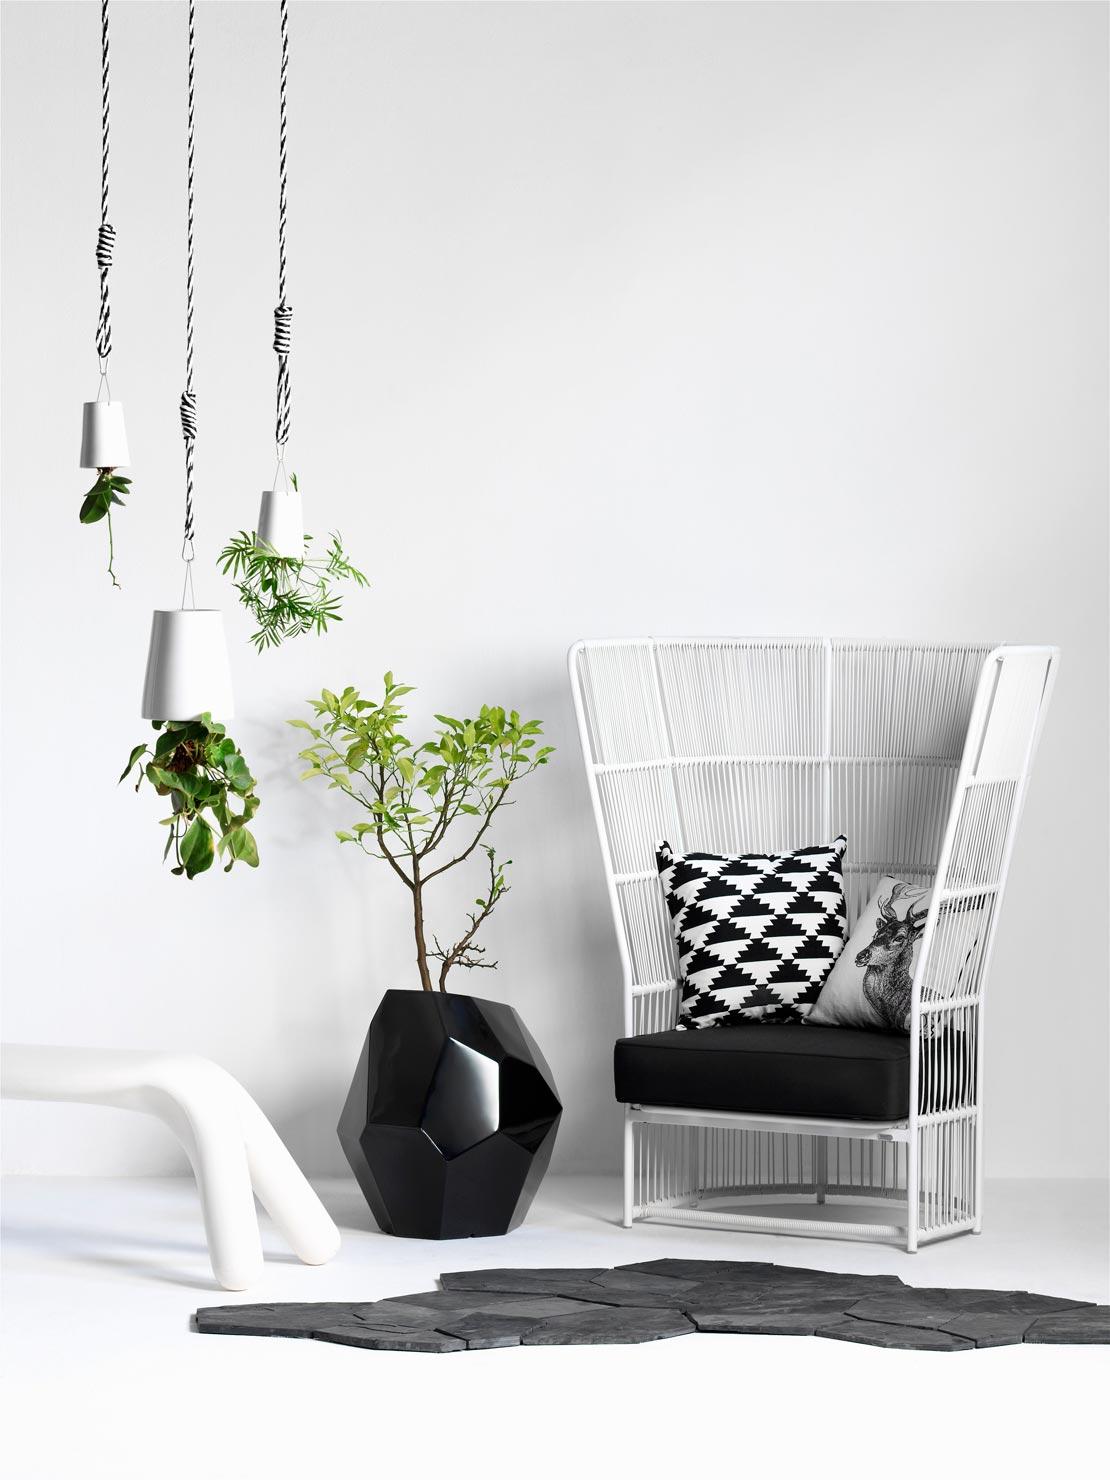 noir-et-blanc-intro-fauteuil